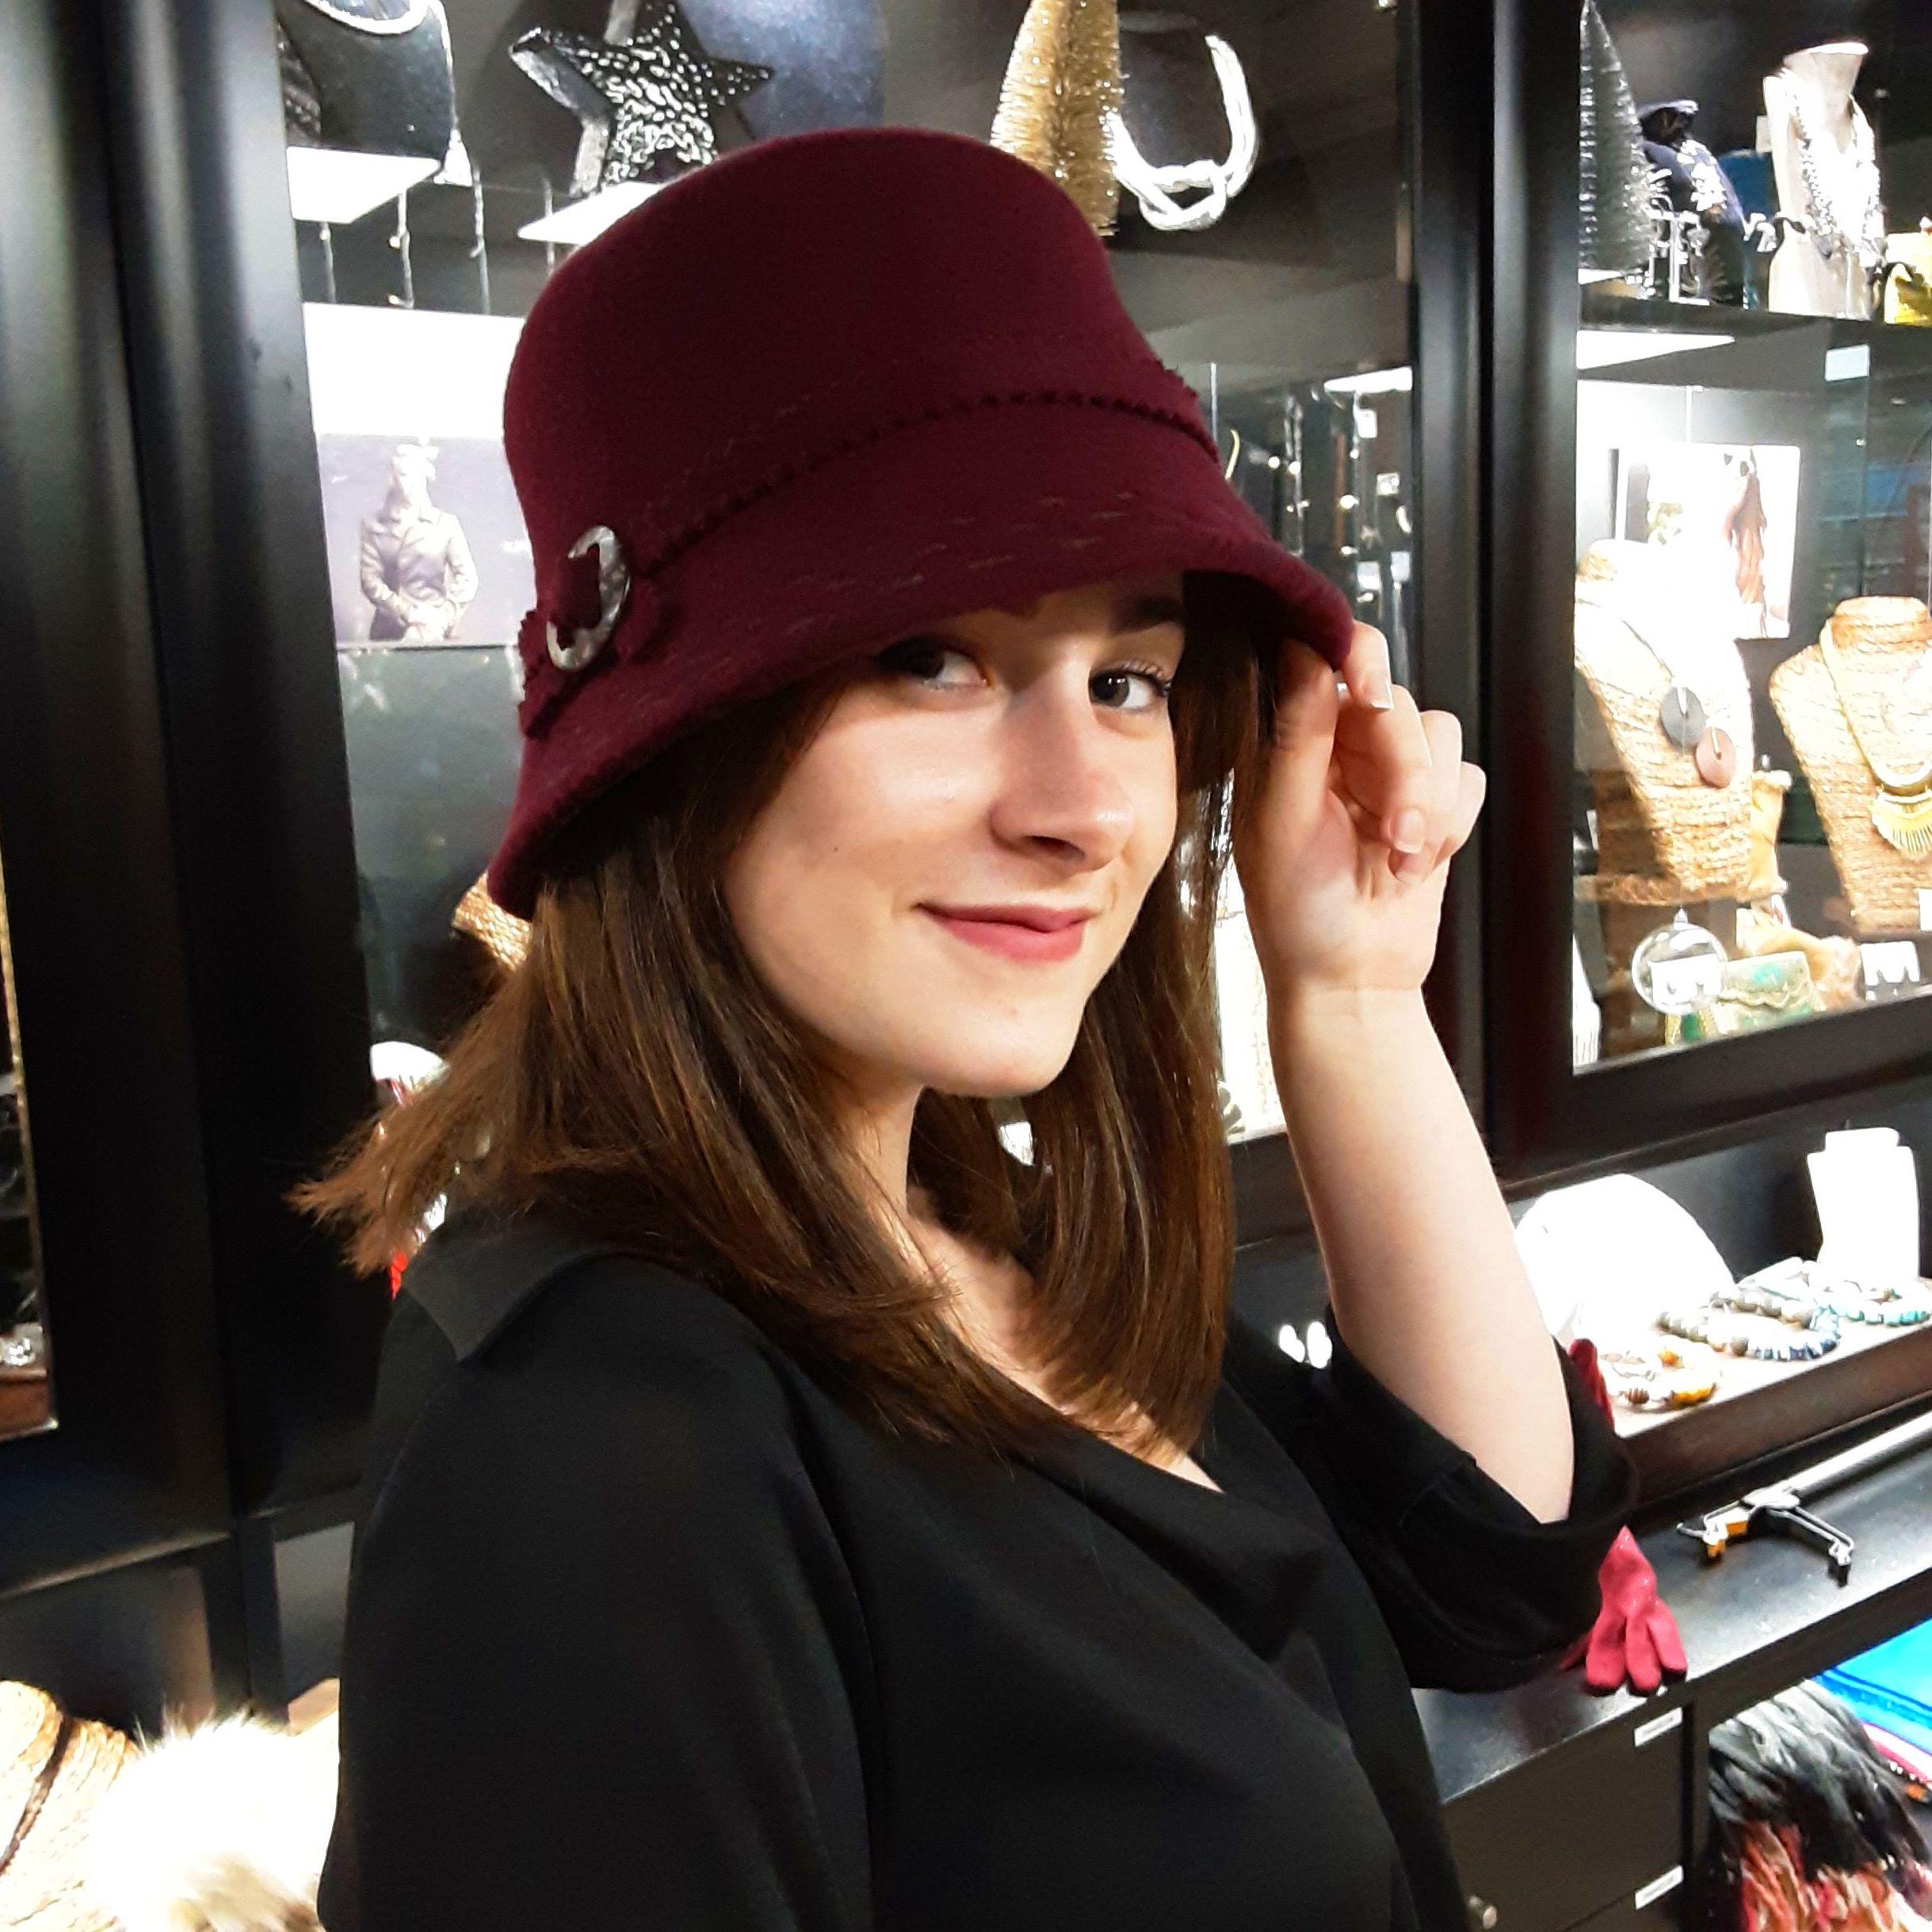 Sombrero gloko